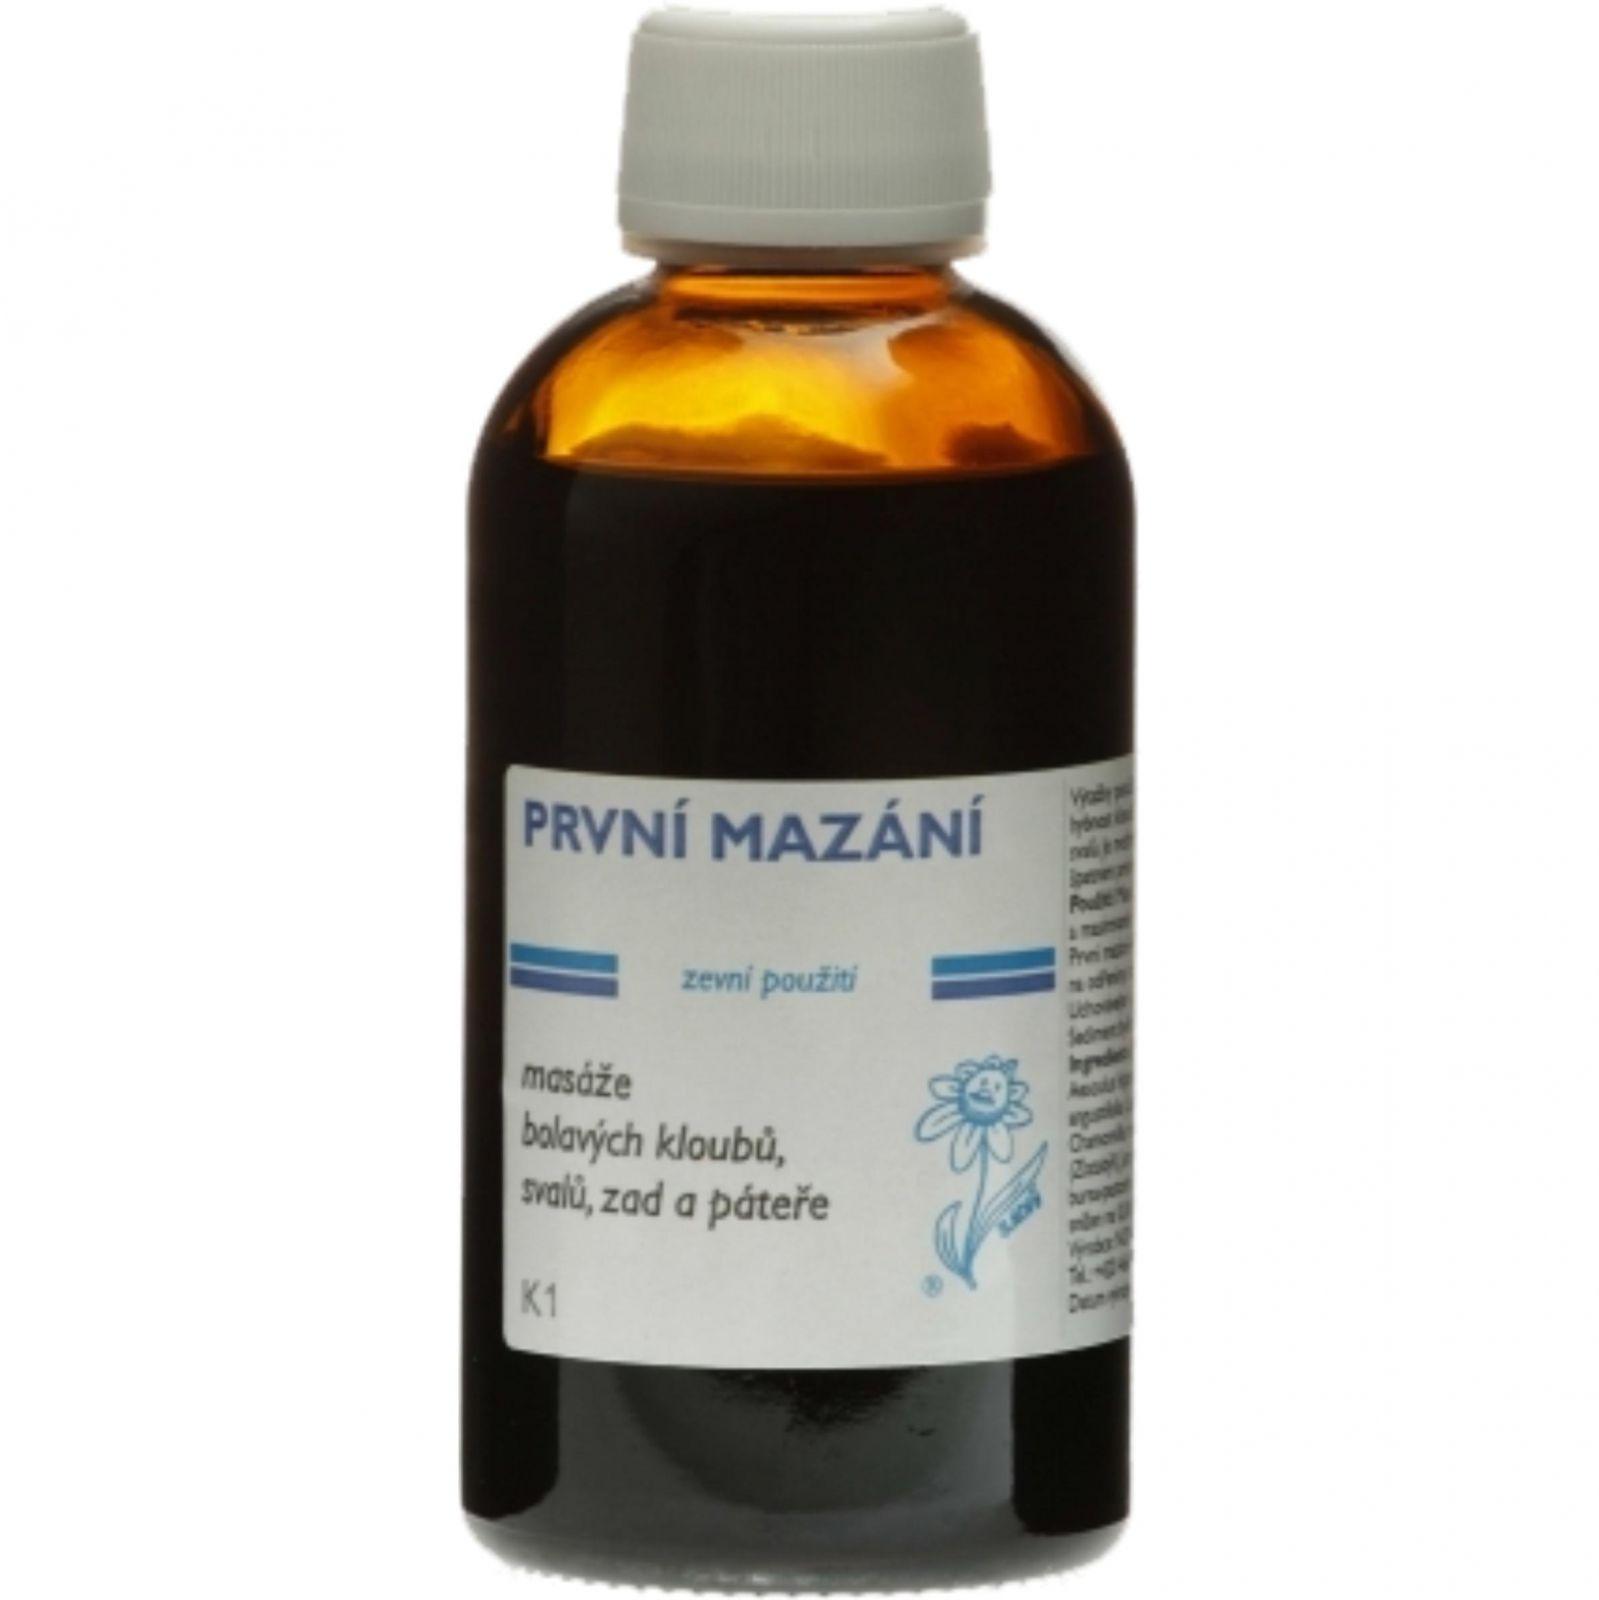 Dědek kořenář První mazáníK1 - 200 ml